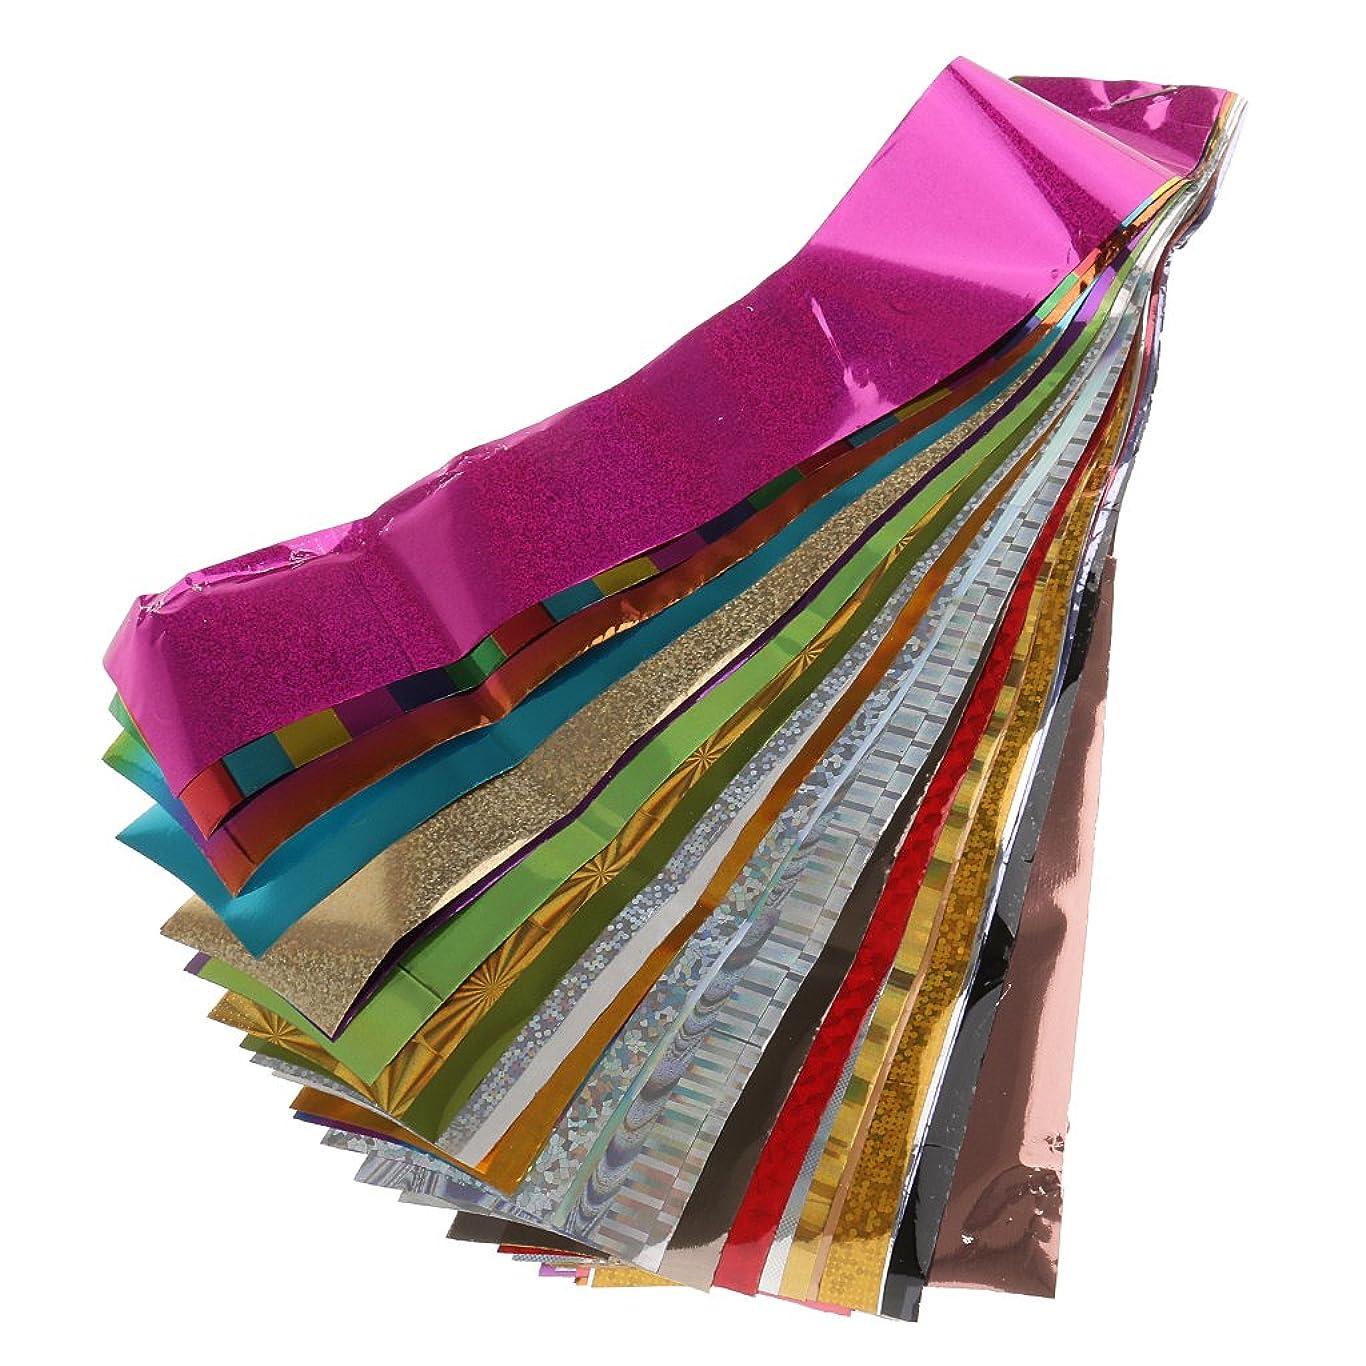 任命虫風邪をひくPerfk 50個/セット 爪 転送箔 キラキラ ネイルアート ステッカー デカール DIY 装飾 魅力的 人気